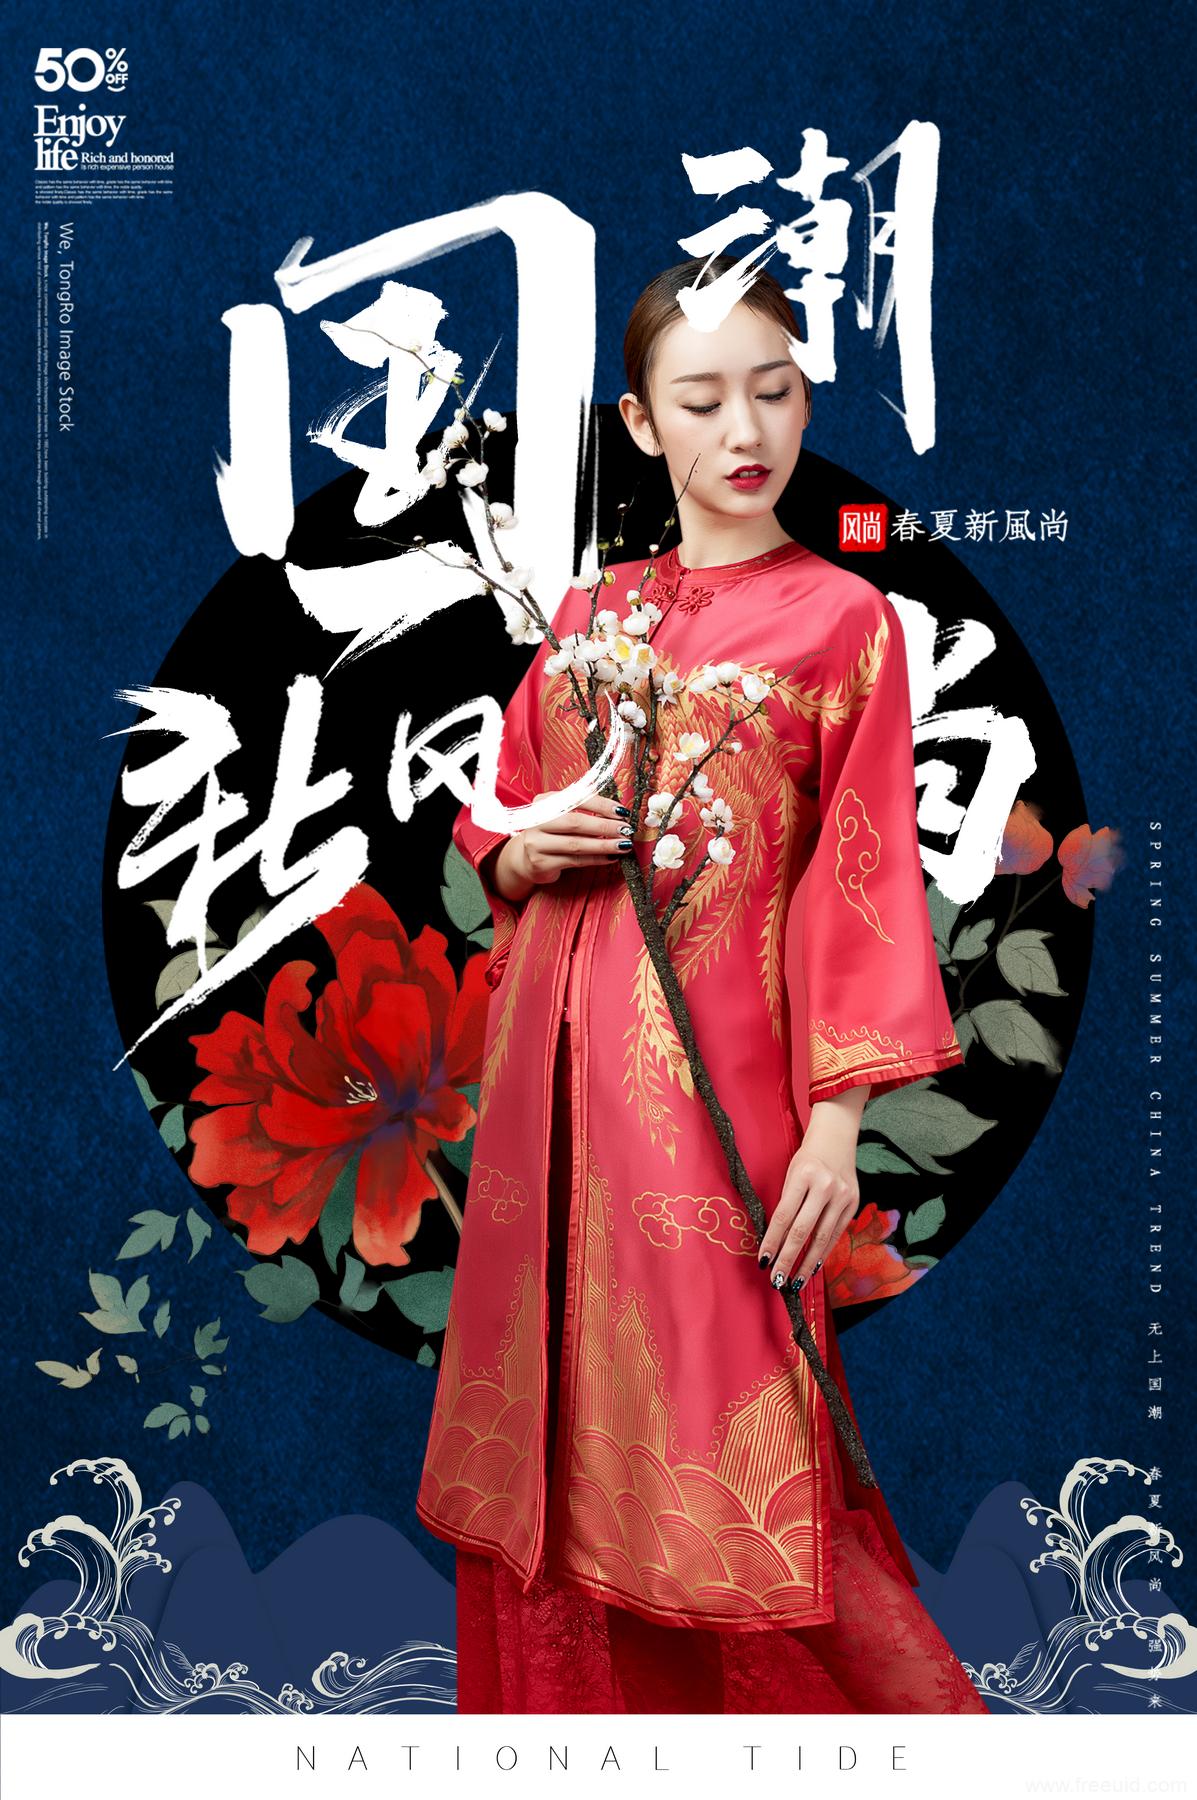 国潮流海报psd源文件,中国流行元素PSD海报源文件下载